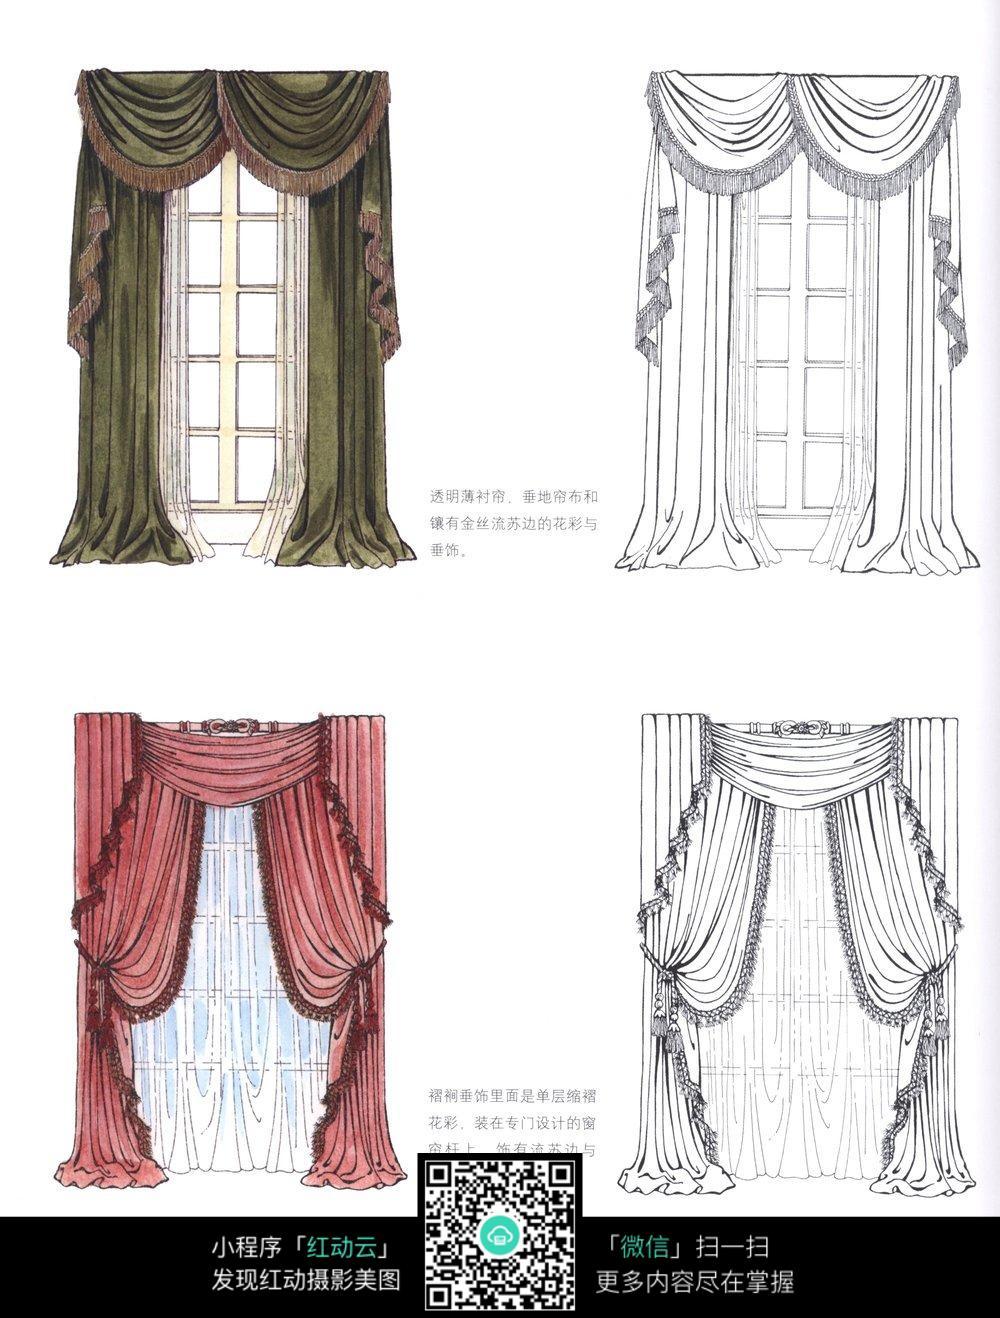 欧式窗帘手绘设计图